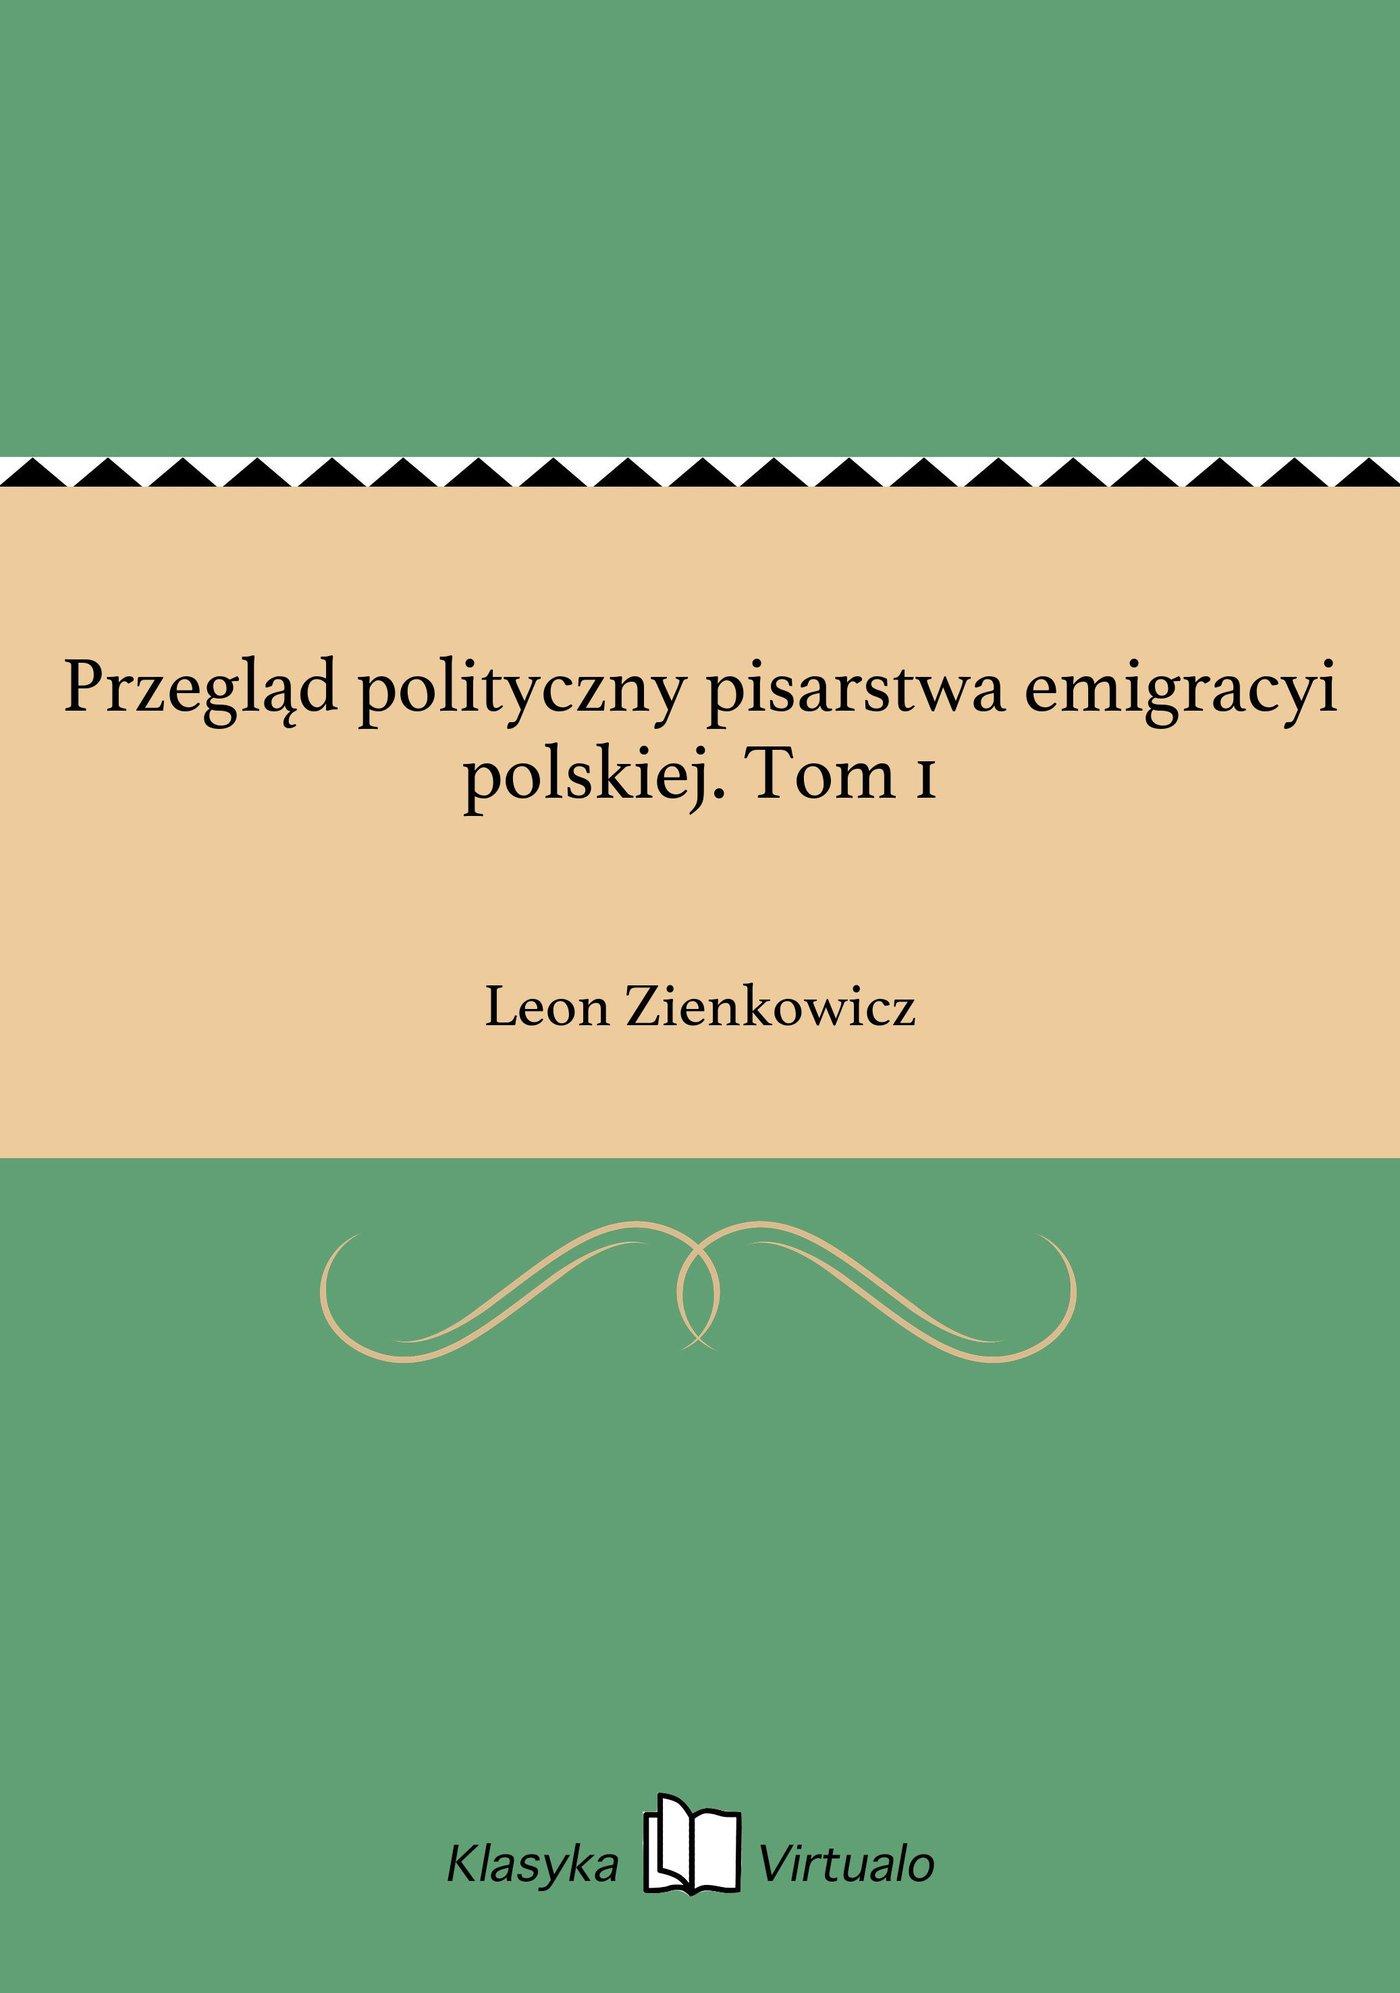 Przegląd polityczny pisarstwa emigracyi polskiej. Tom 1 - Ebook (Książka na Kindle) do pobrania w formacie MOBI